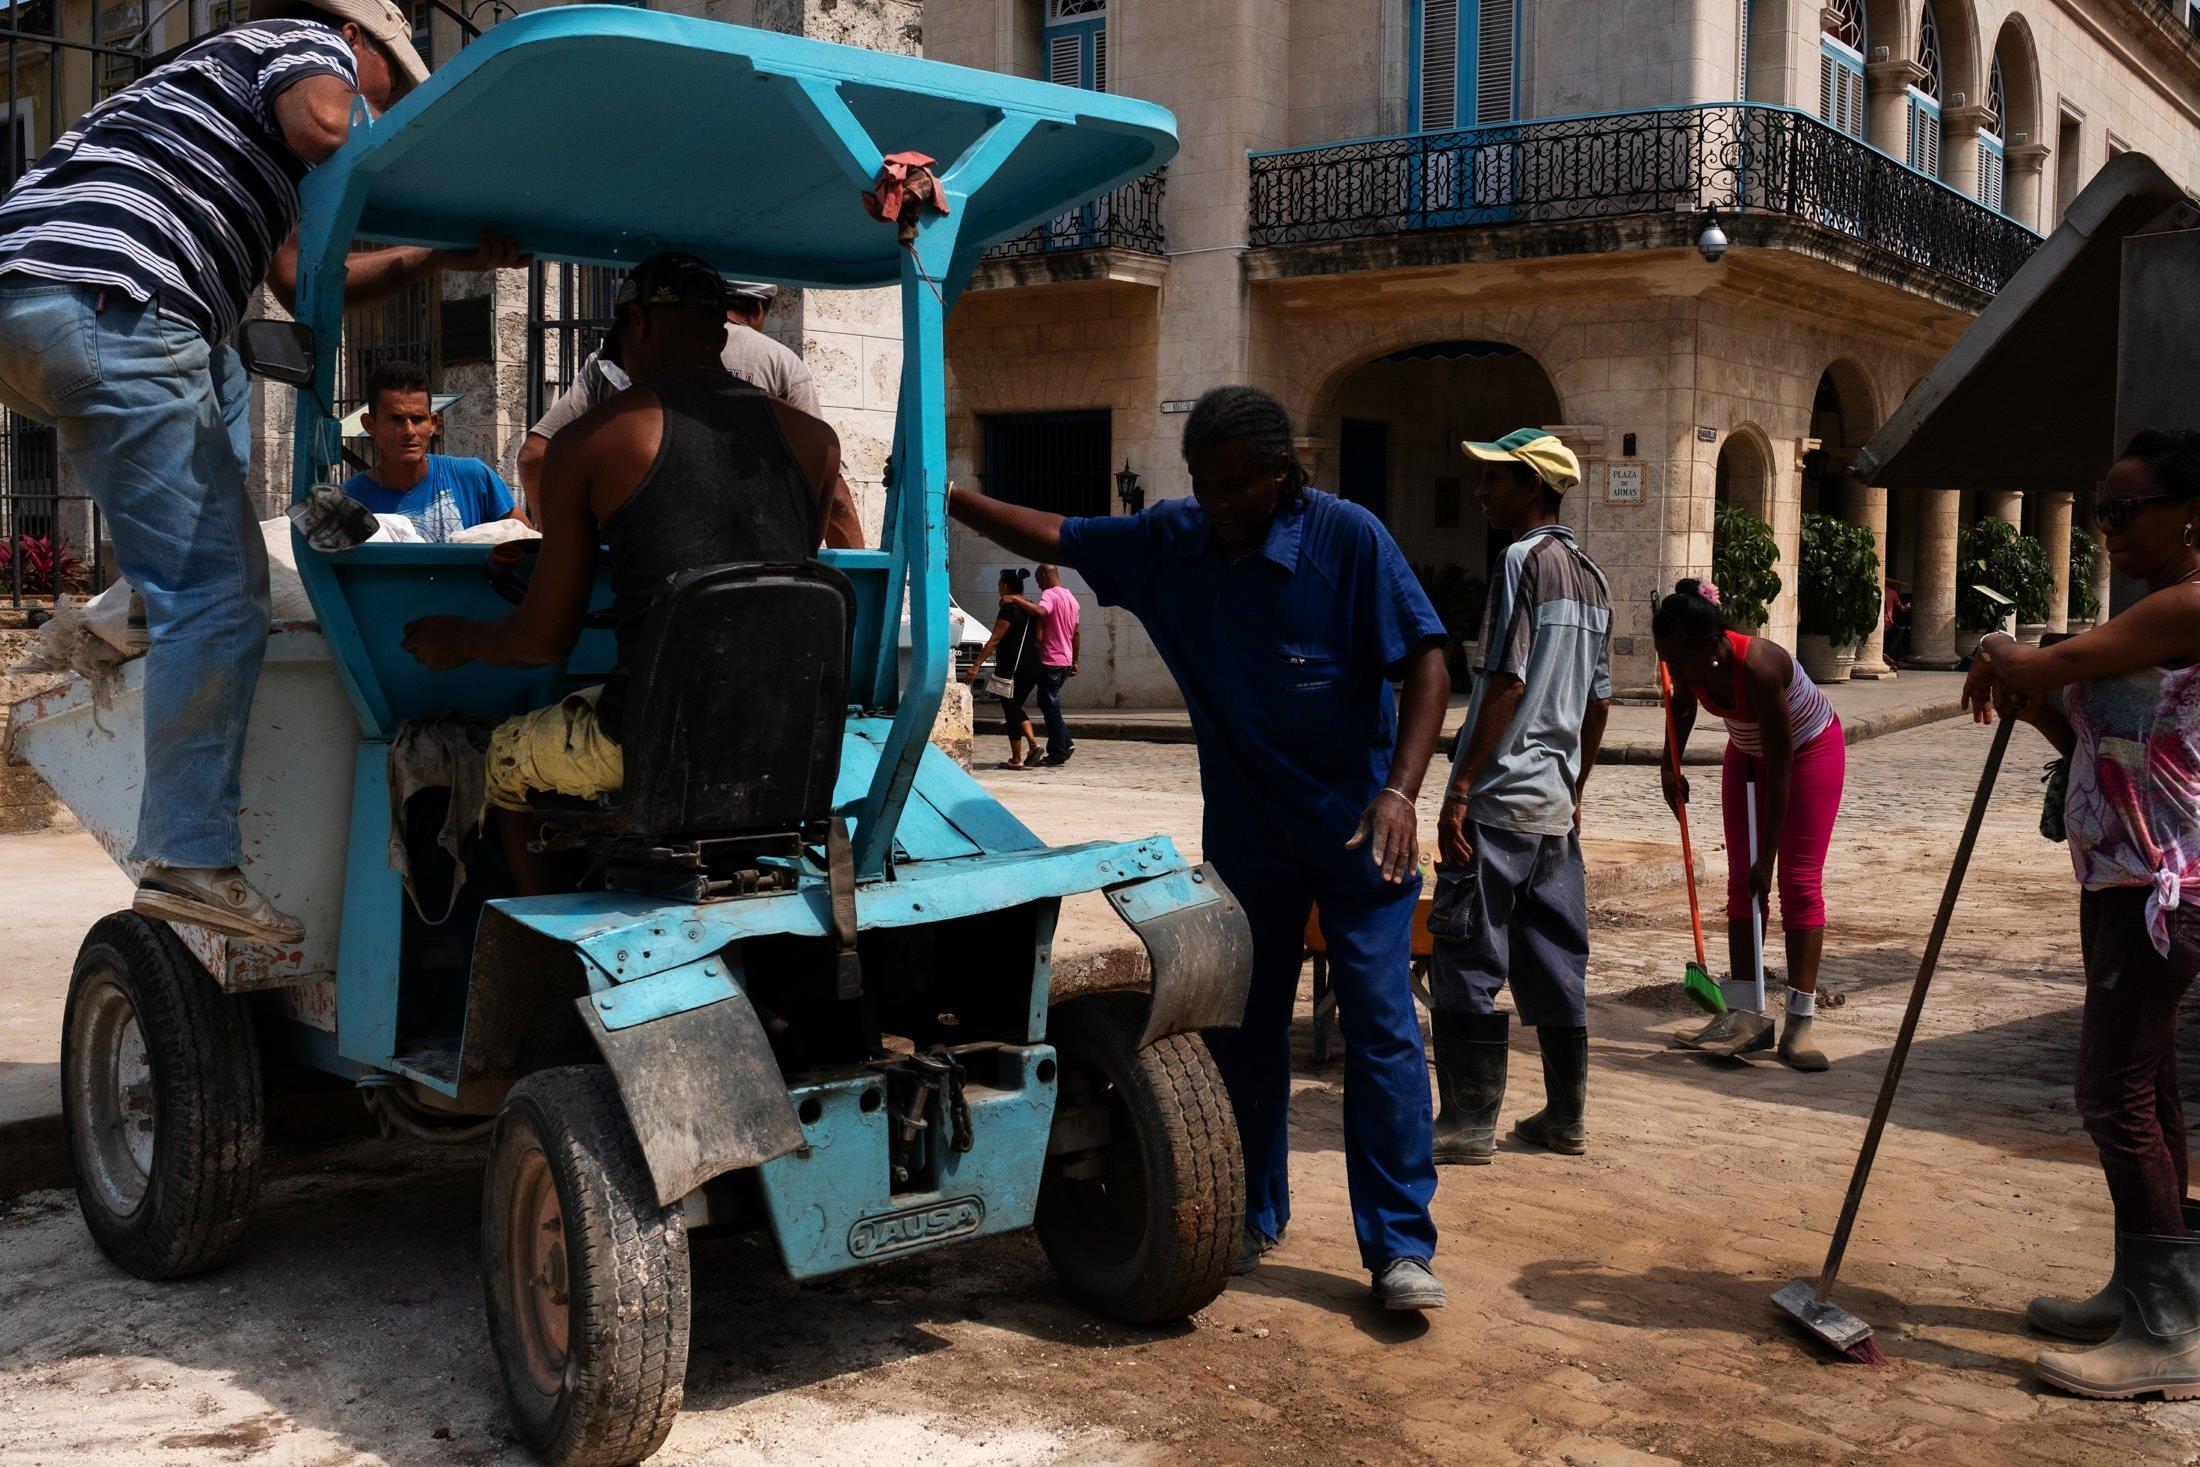 workers in Havana, Cuba